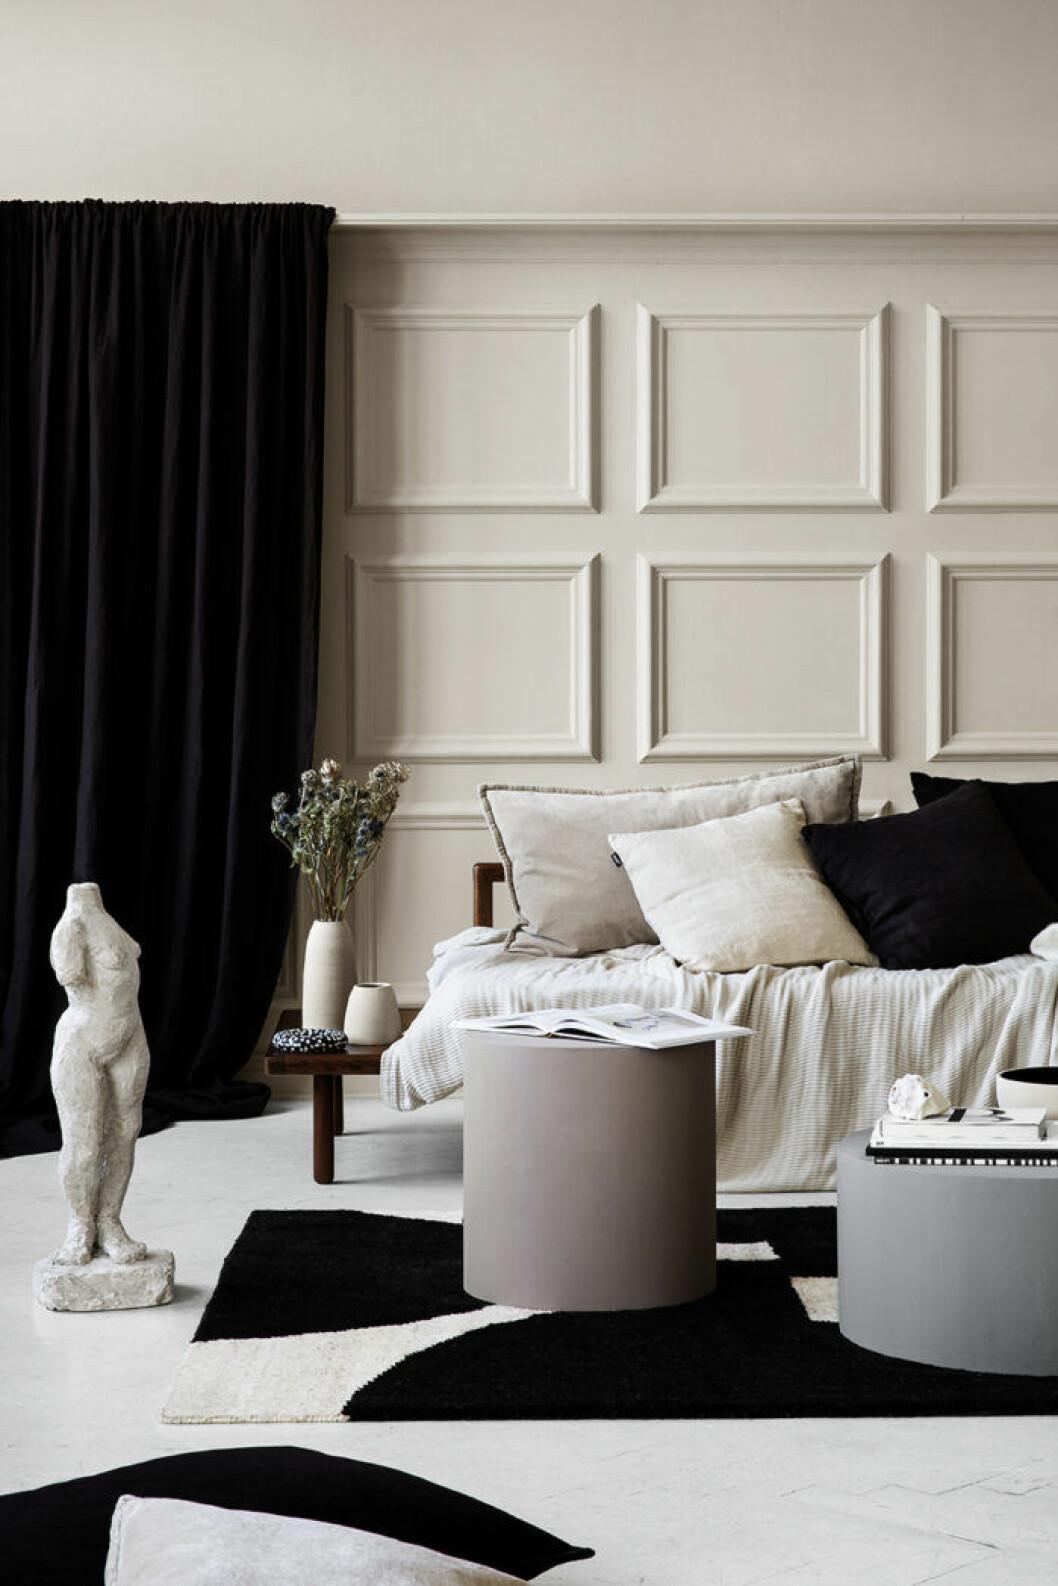 Granit lanserar premiumkollektion med textilier för hemmet